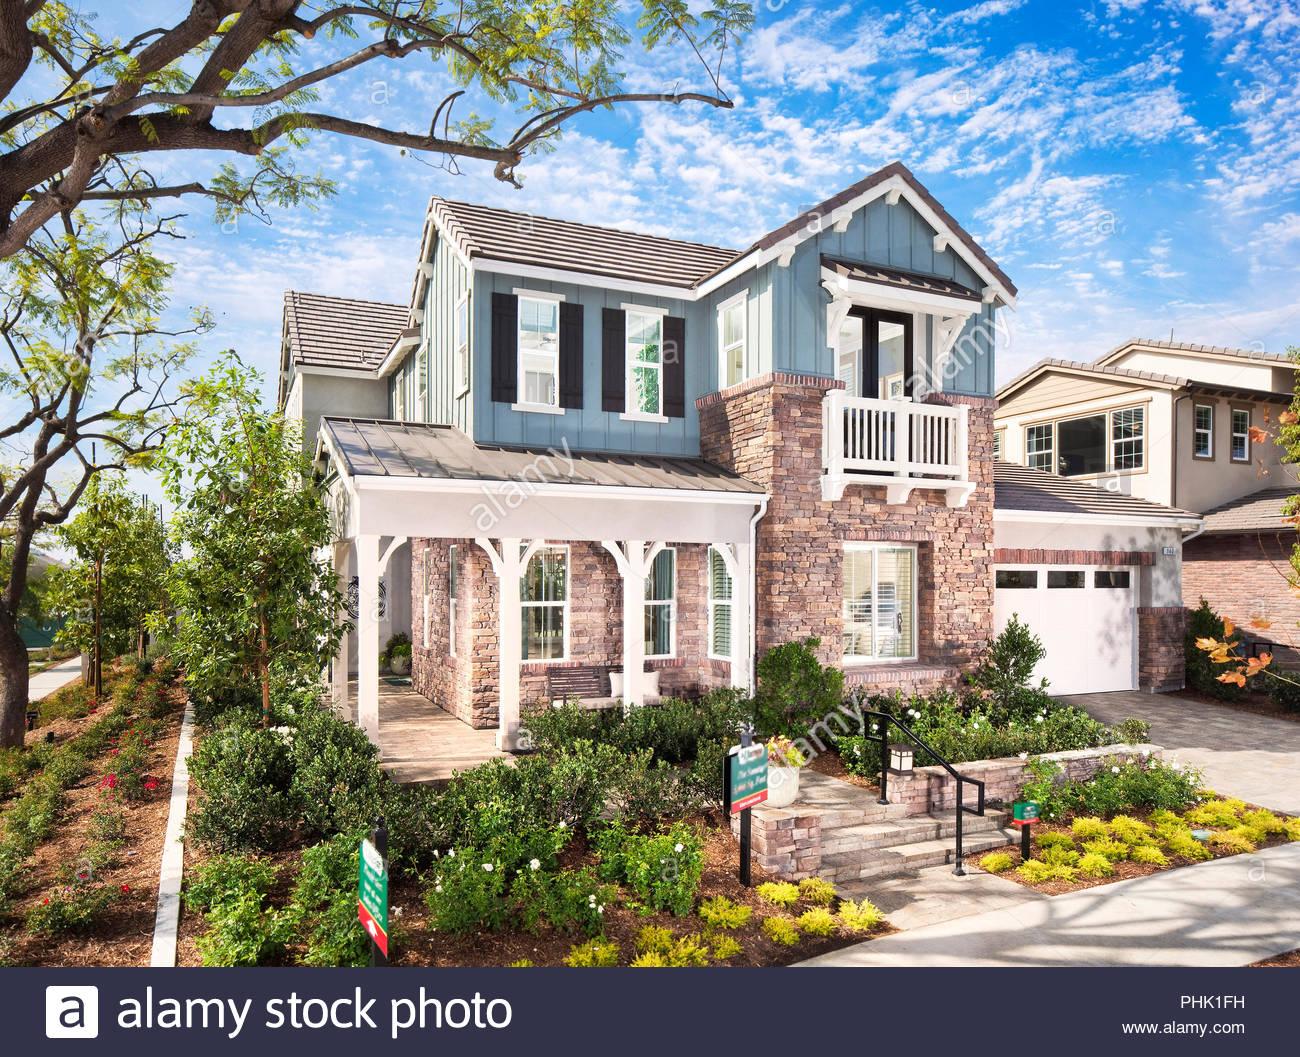 Casa y jardín exterior Imagen De Stock